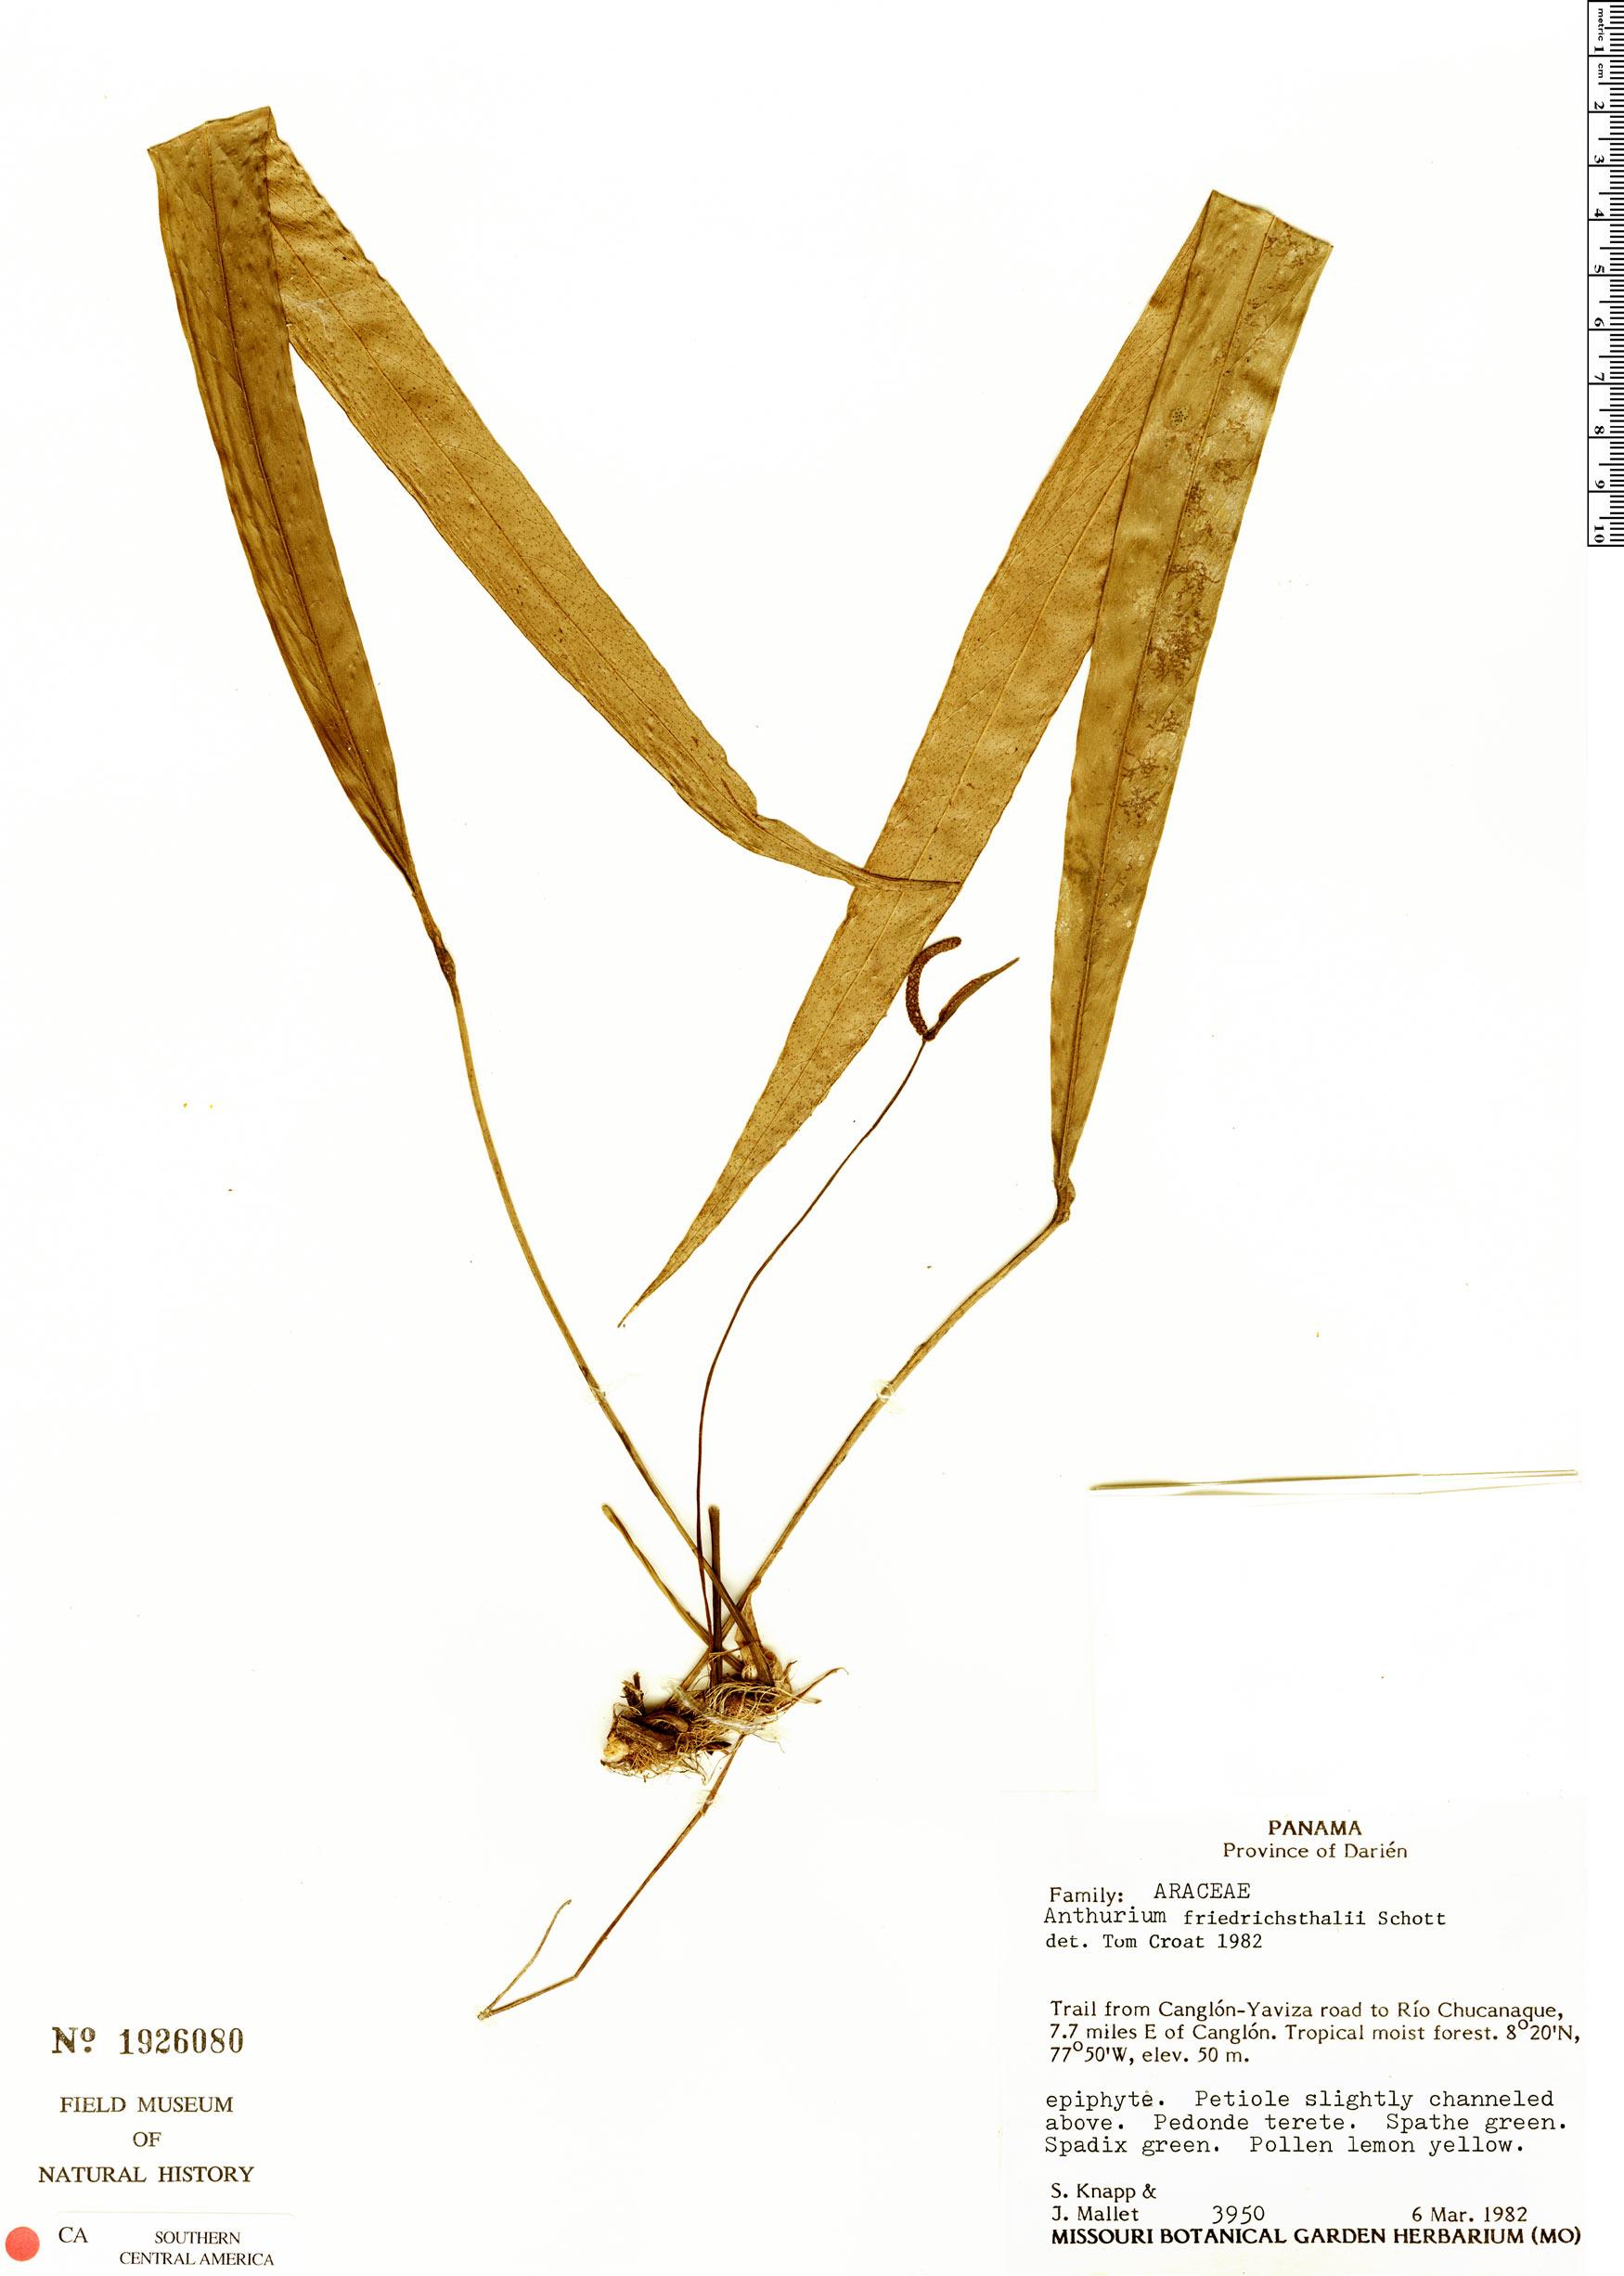 Specimen: Anthurium friedrichsthalii